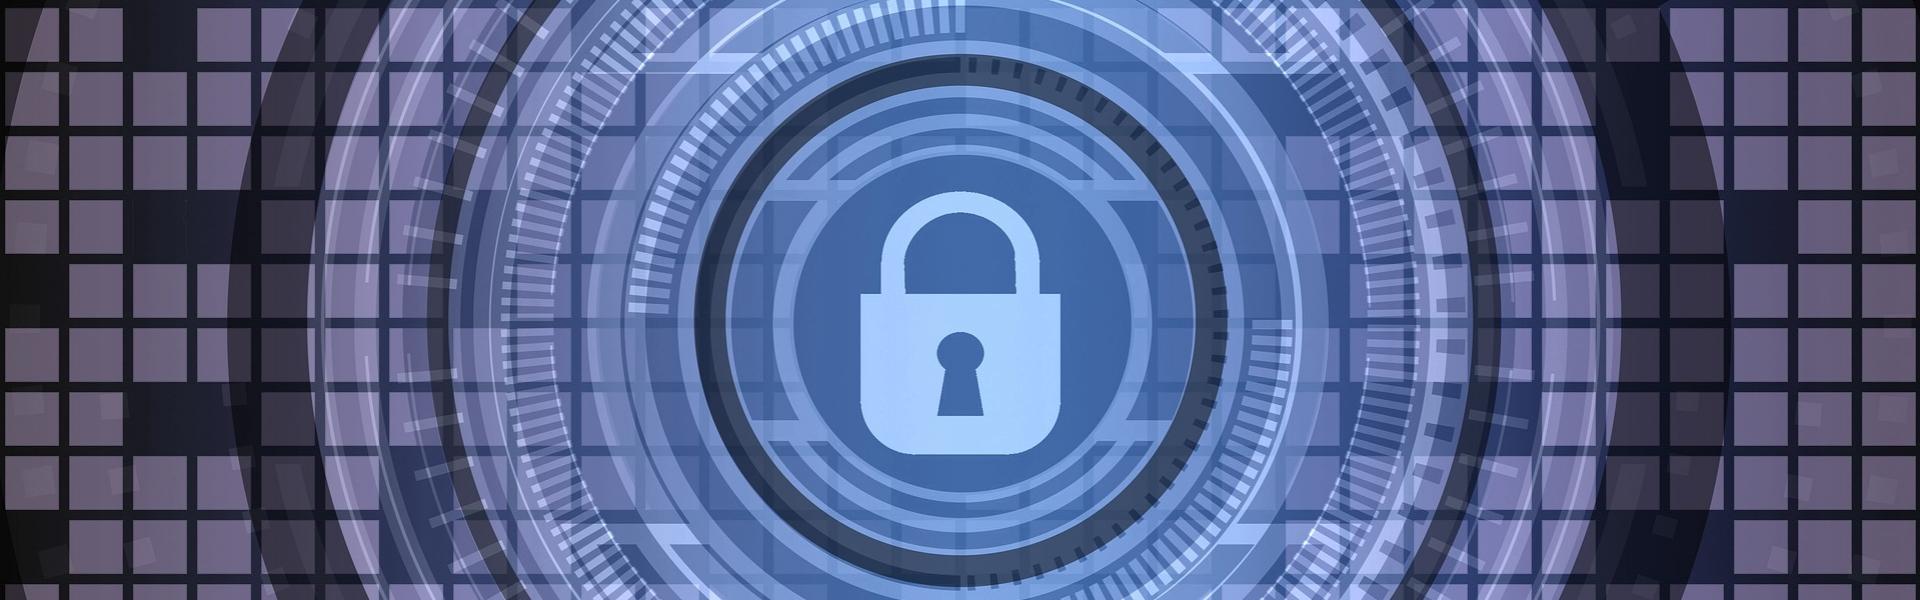 Personenbezogene Daten Anonymisieren